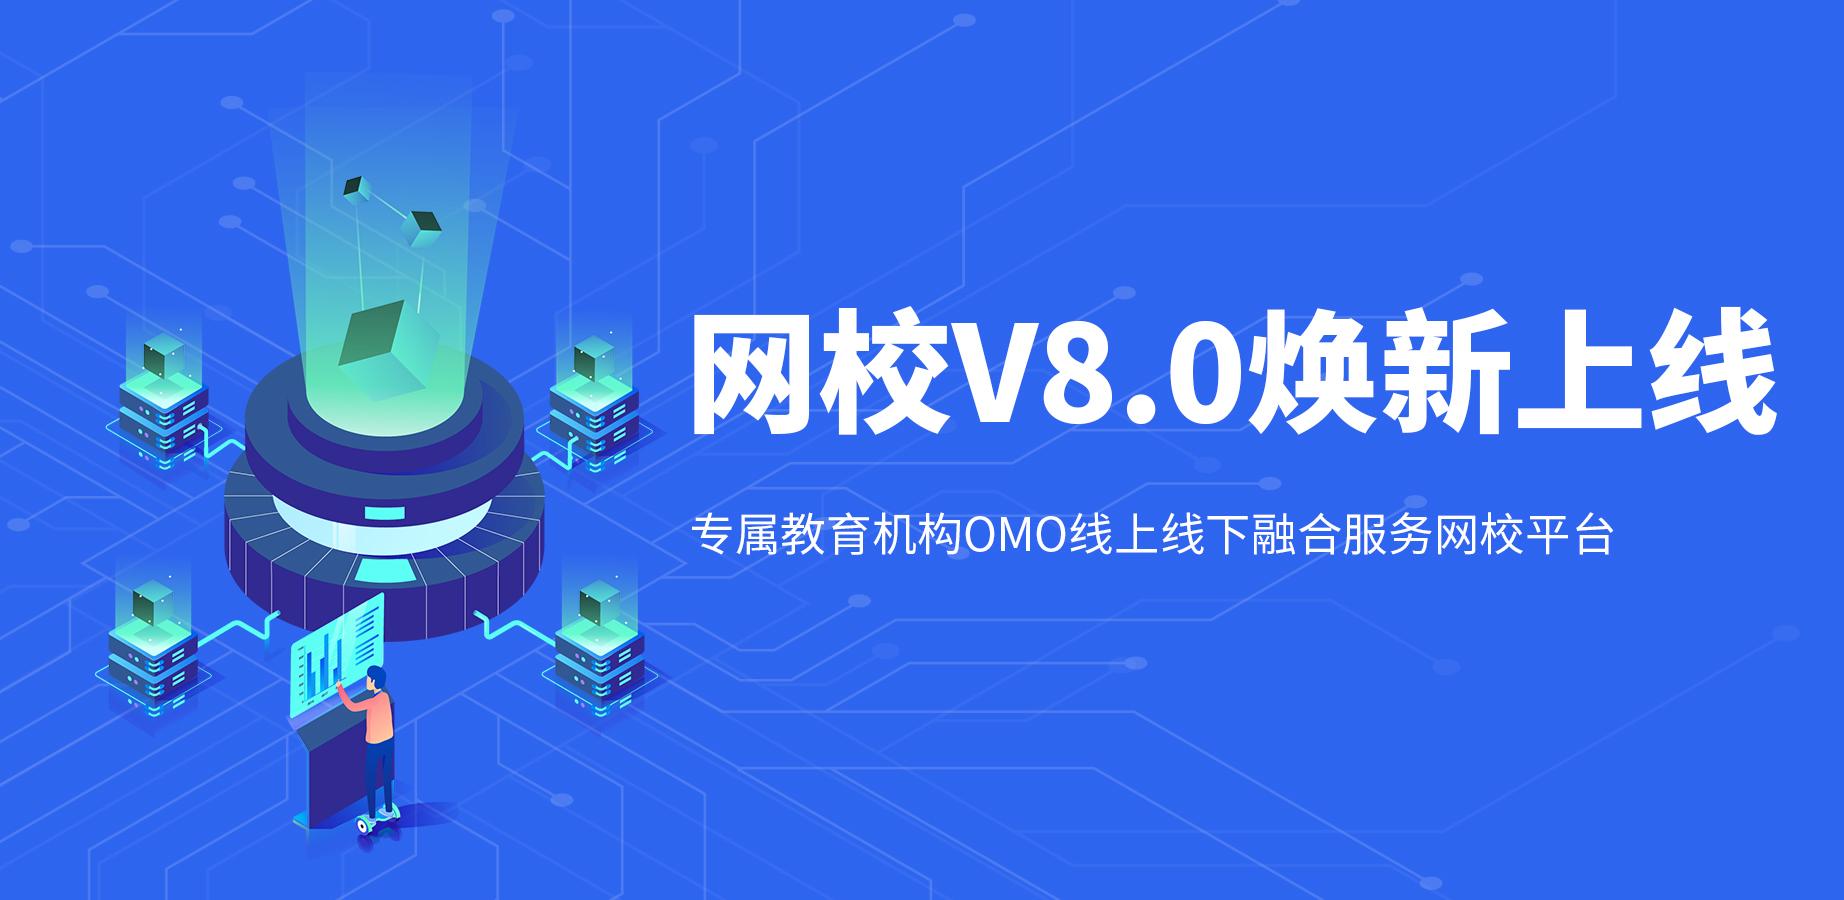 构建新教育OMO神器,KESION网校V8正式亮相!